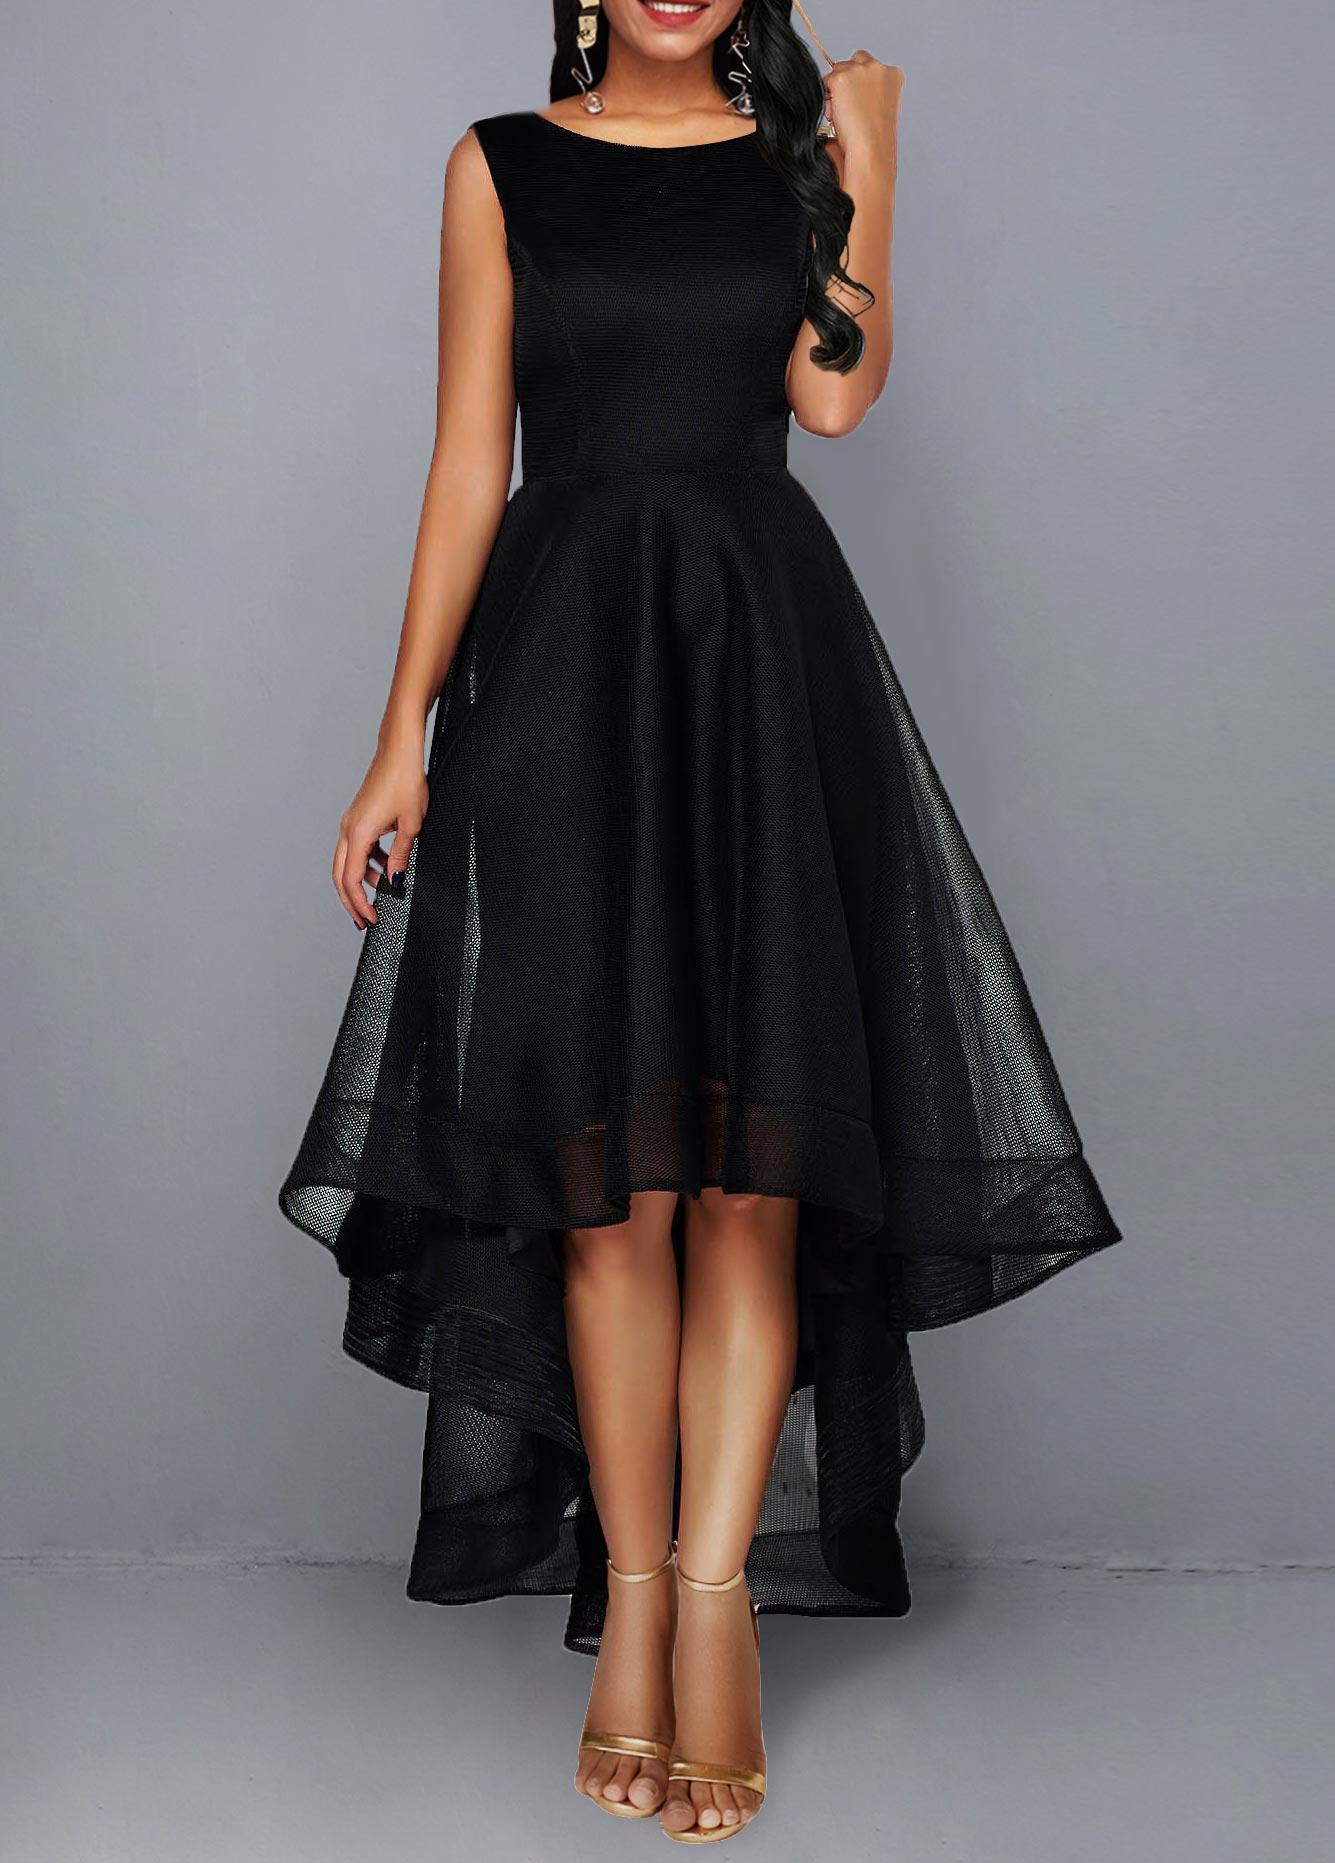 High Waist Mesh Patchwork Sleeveless Black Dress